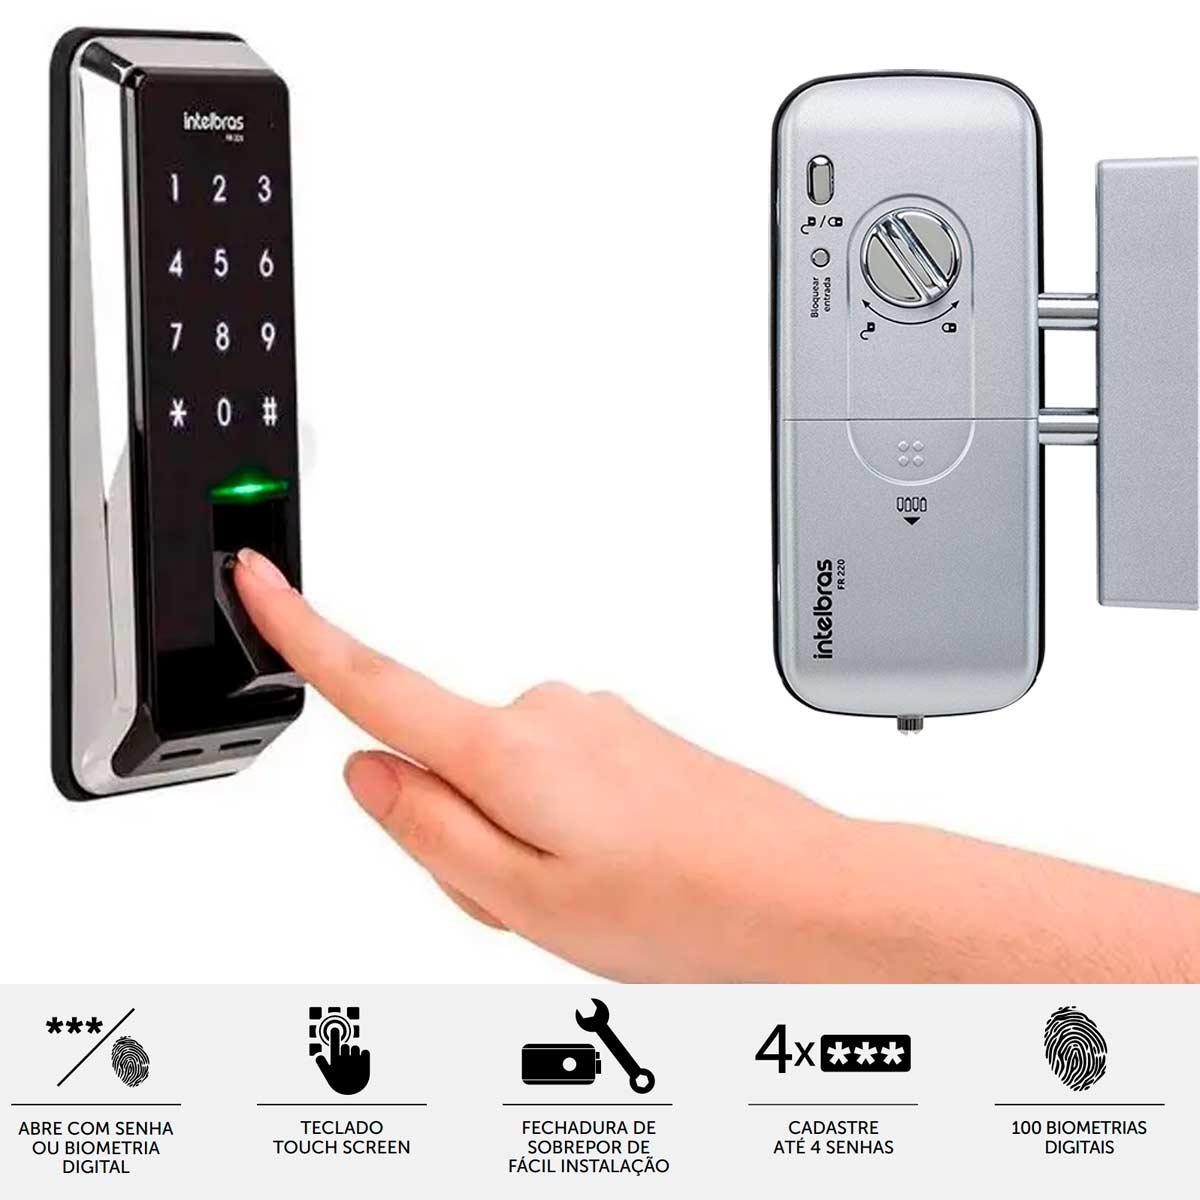 dvr-16-canais-open-hd-1080n-gs0086-giga-security-orion-app-celular-deteccao-de-pessoas-acesso-via-nuvem